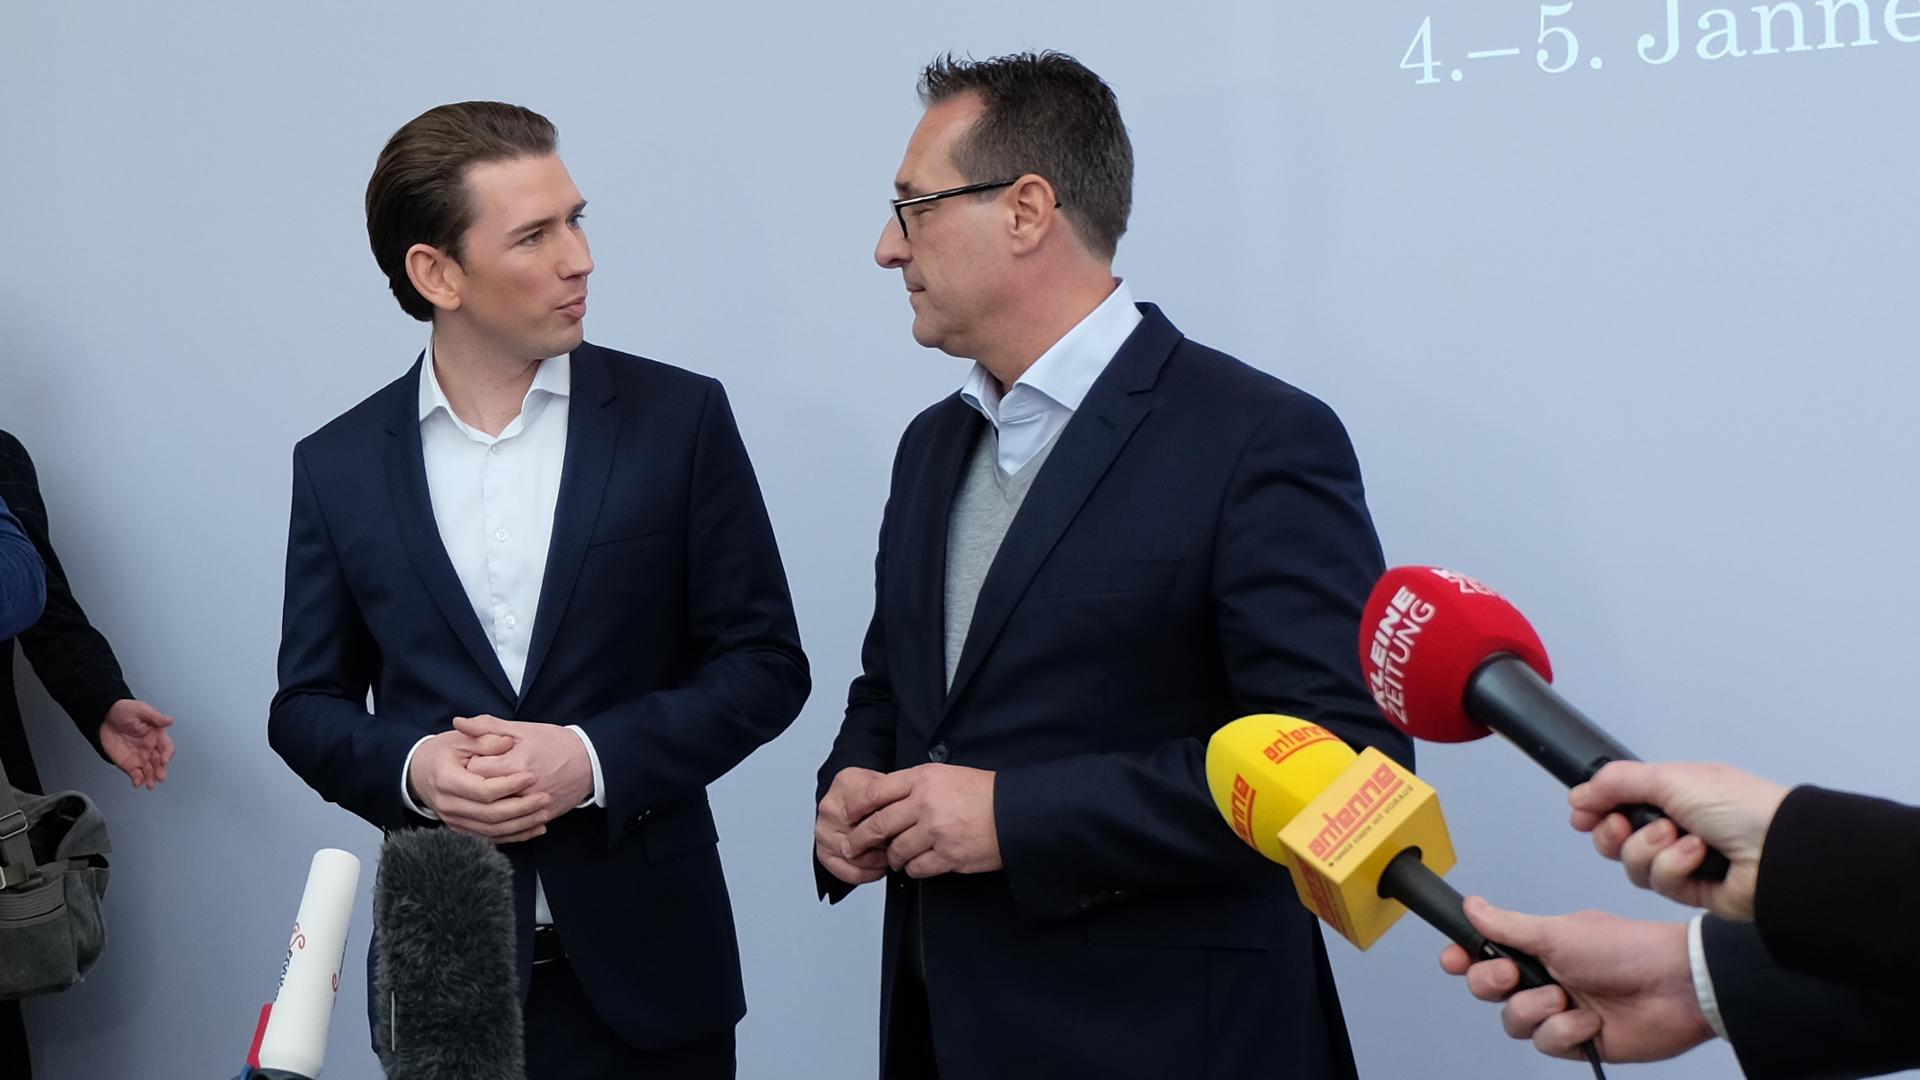 -Ausländer-Aprilscherz-Billigjobs-Kurz-Strache-Pressekonferenz-Seggau-Steiermark-Regierung-Aprilscherz